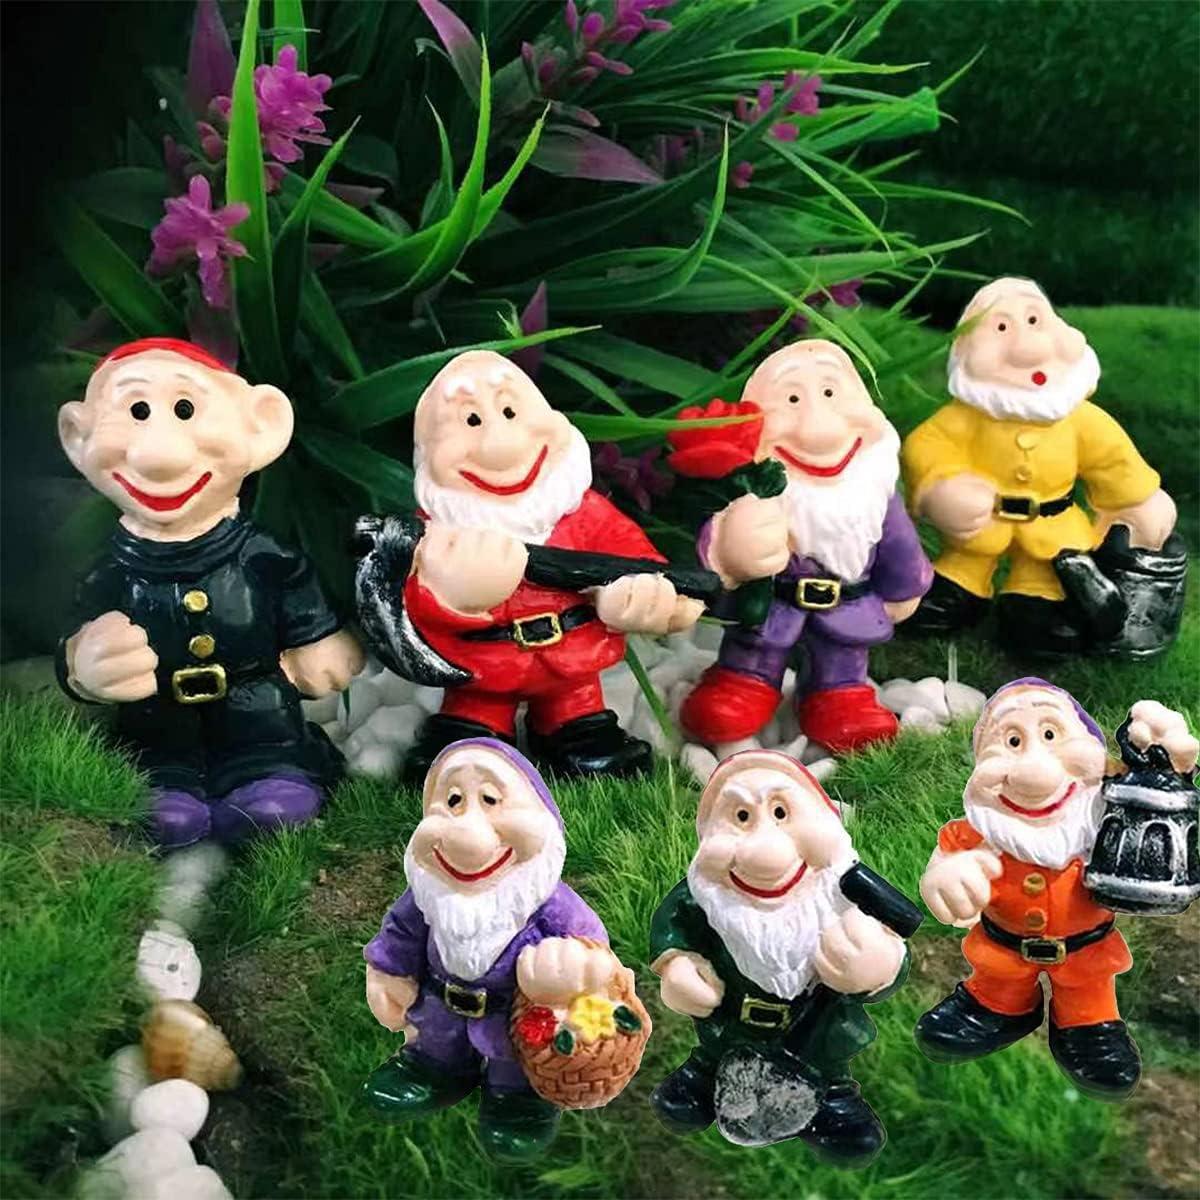 MIBUNG Sale Special Price 7pcs Miniature Garden Gnomes Tulsa Mall Statues Funny Mini -